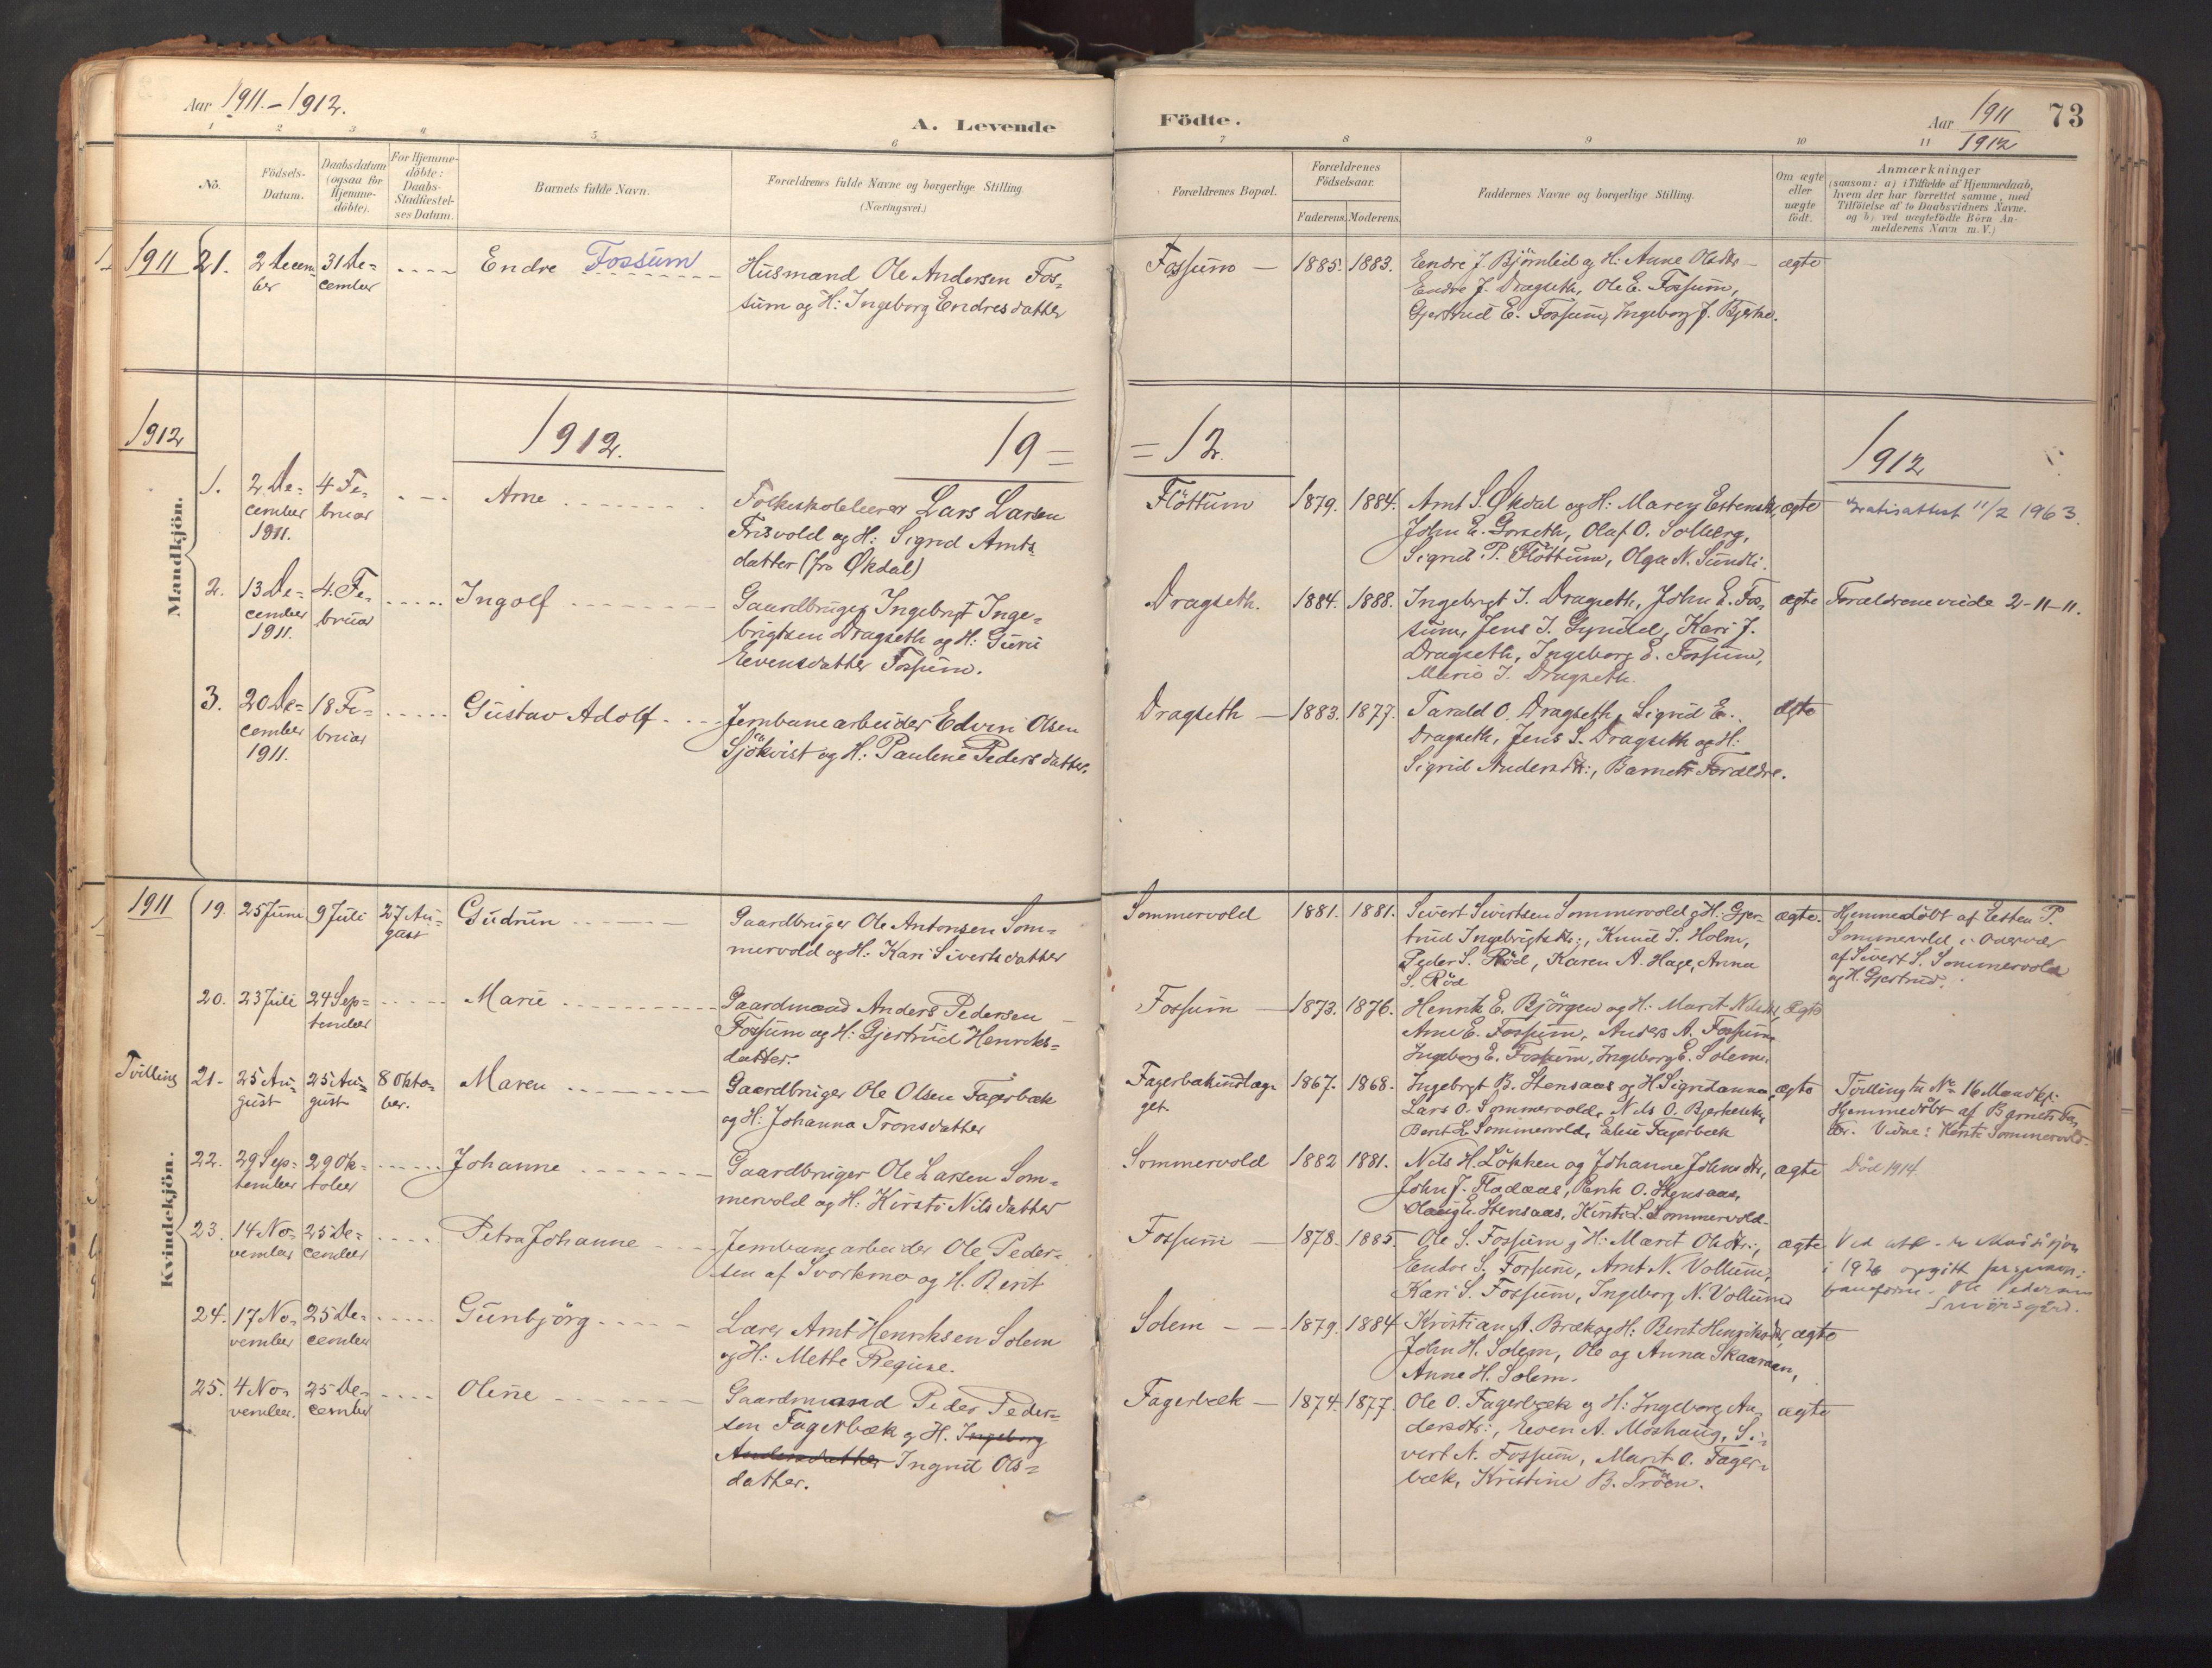 SAT, Ministerialprotokoller, klokkerbøker og fødselsregistre - Sør-Trøndelag, 689/L1041: Ministerialbok nr. 689A06, 1891-1923, s. 73